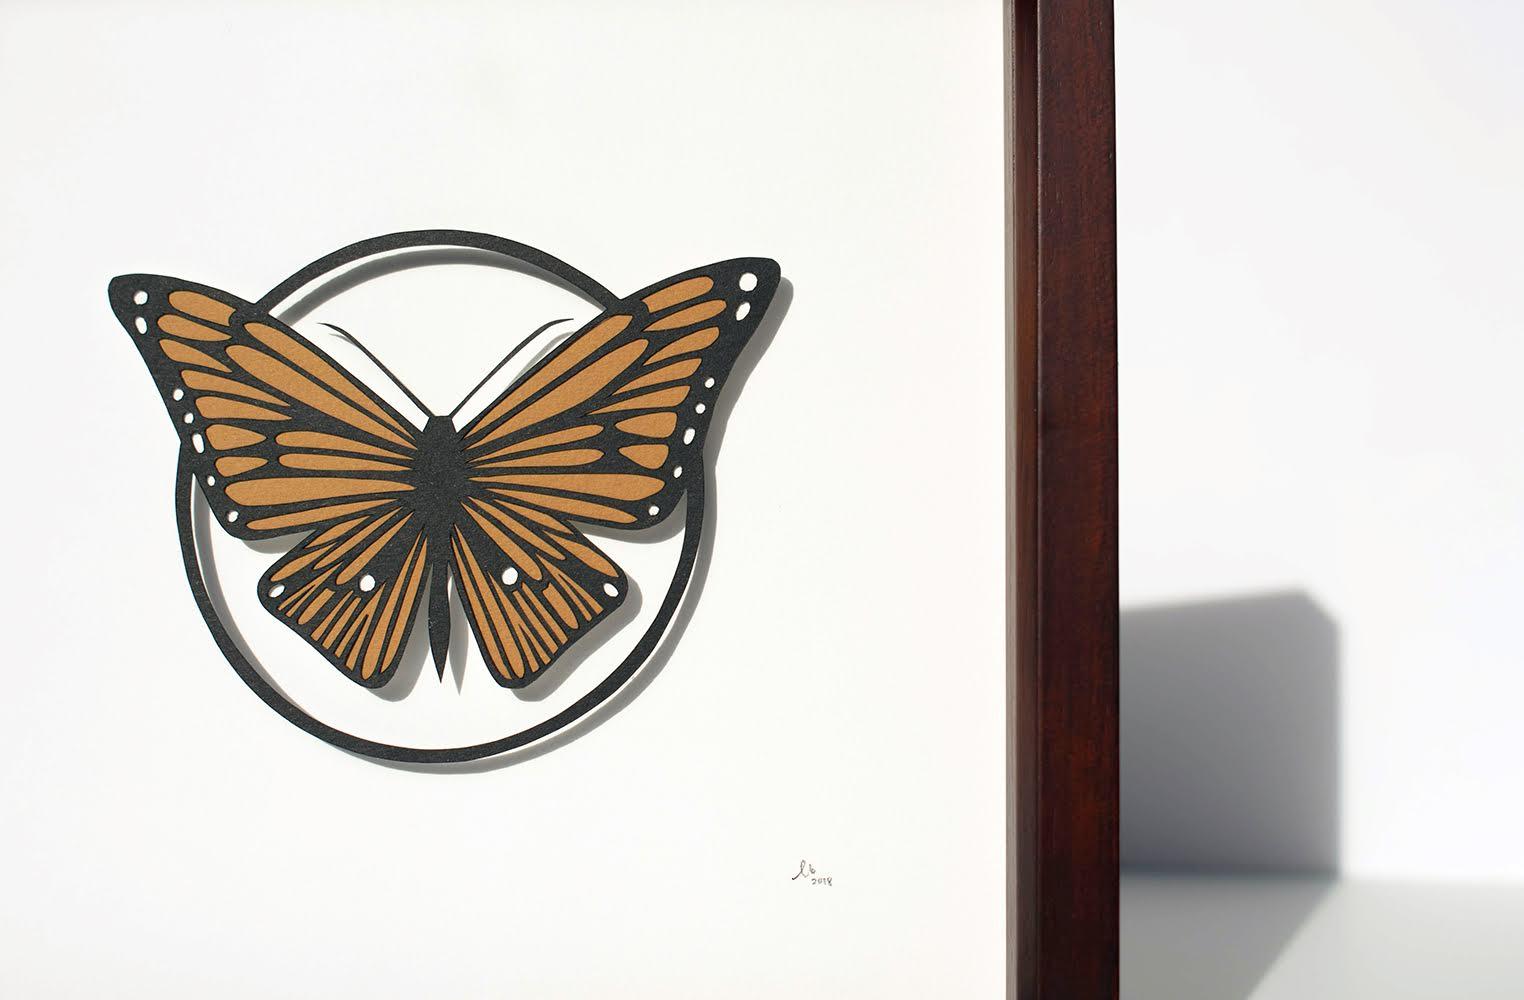 Art_butterfly2_sm.jpg